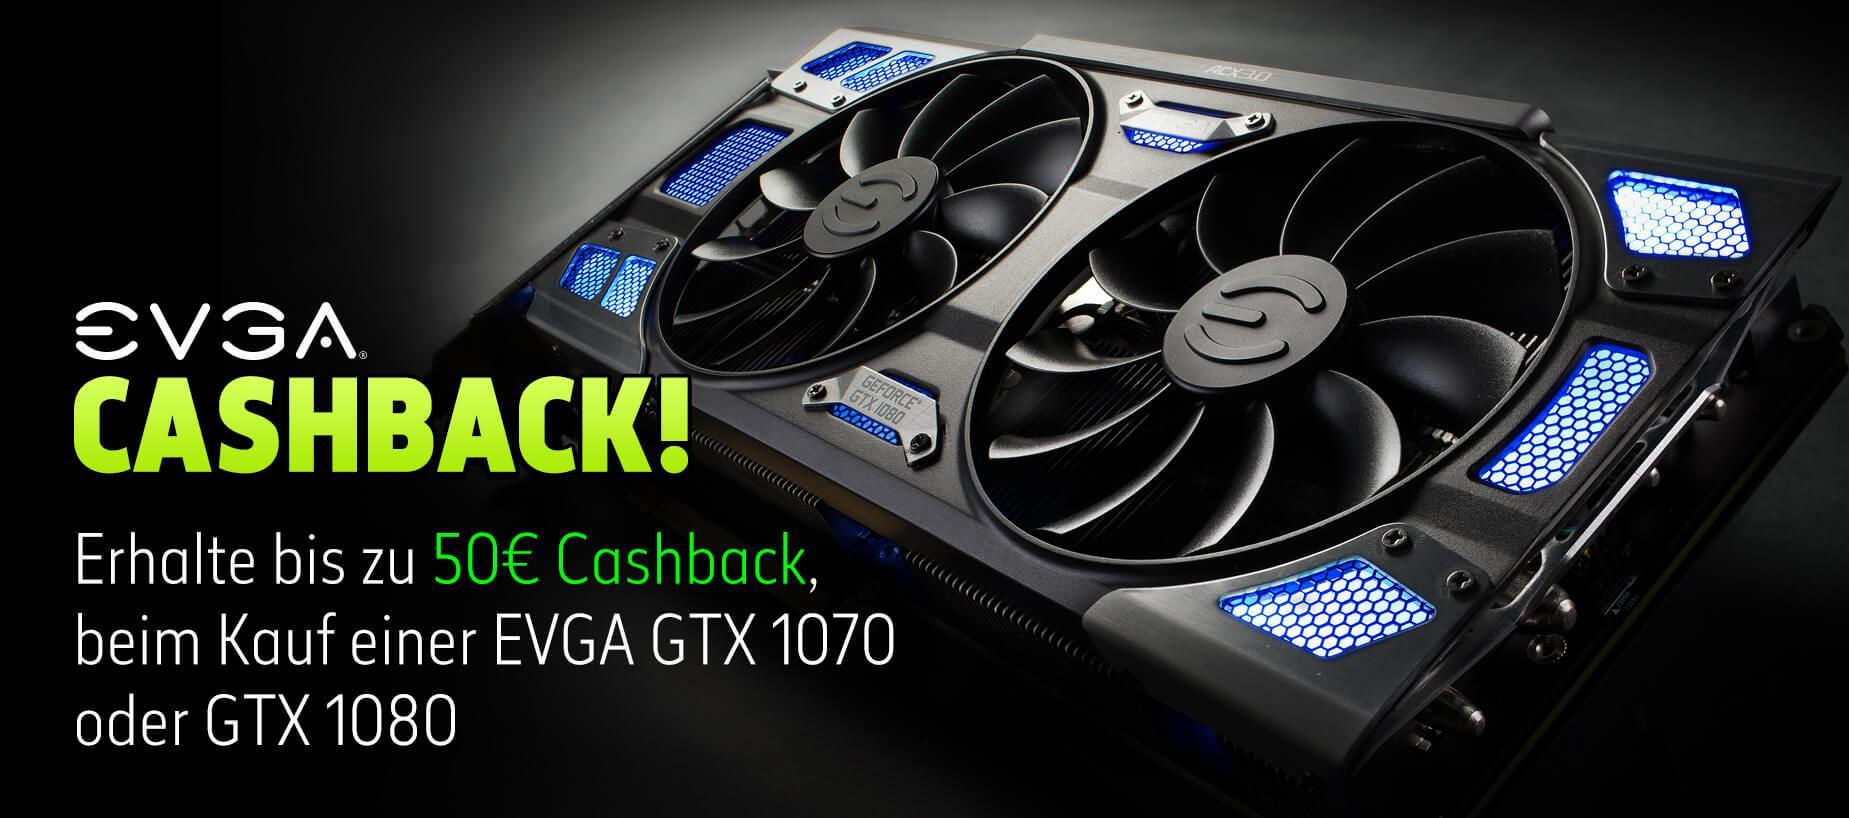 Bis zu 50€ Cashback beim Kauf ausgewählter EVGA GTX 1070 / 1080